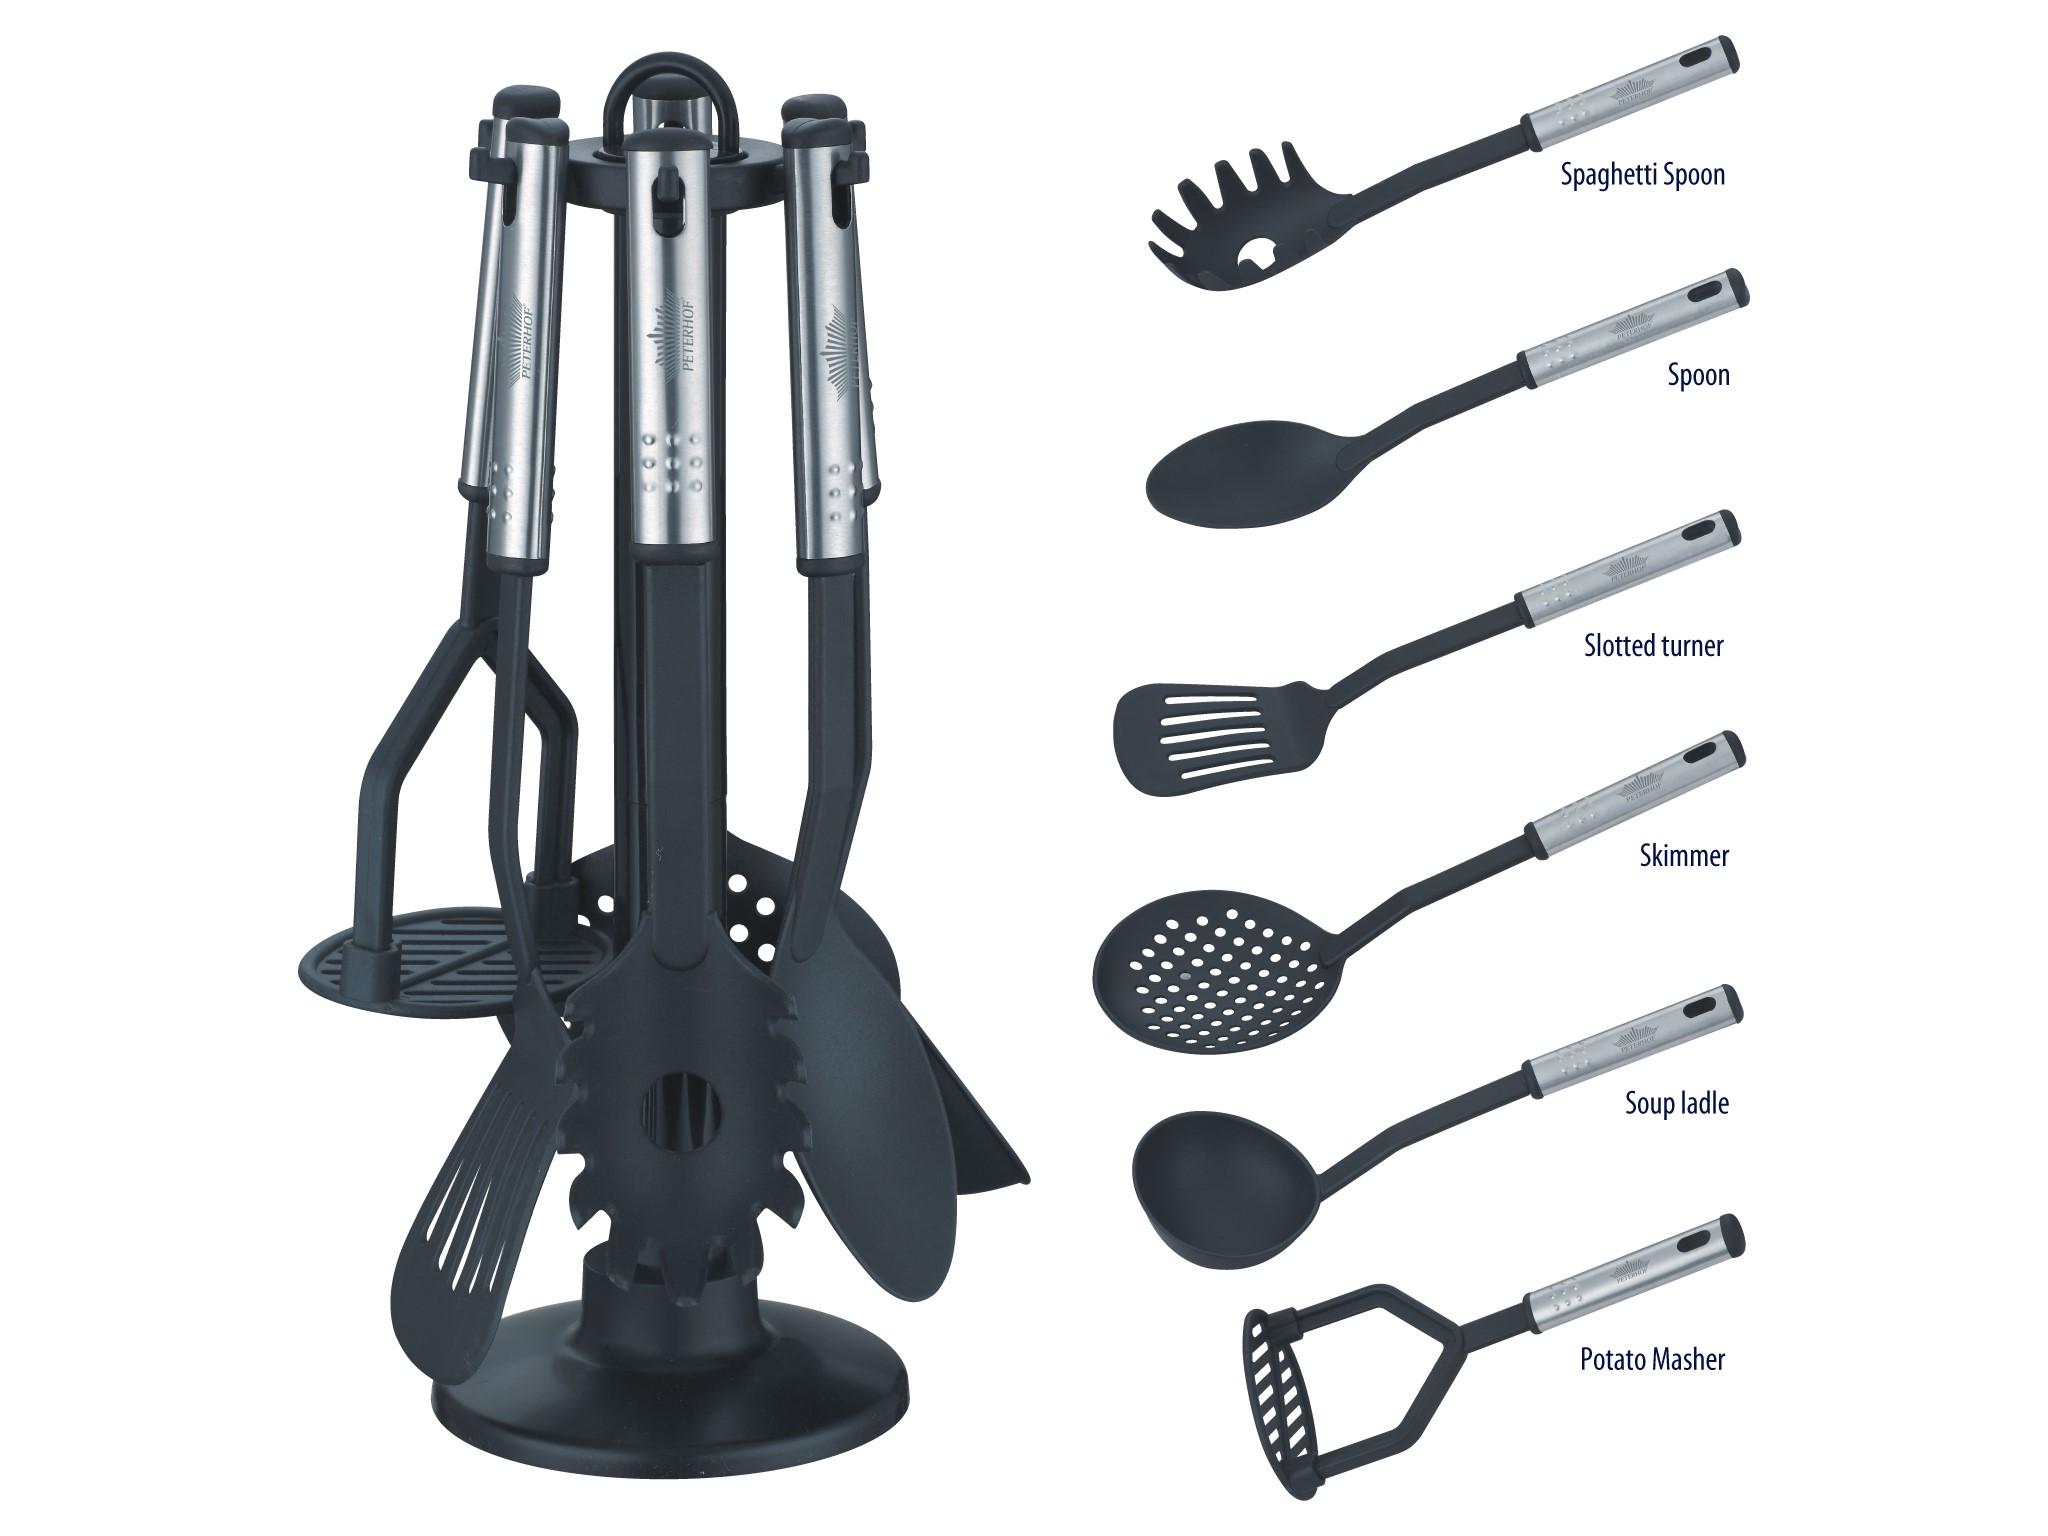 7 tlg Küchenhelfer Set mit Ständer Kochbesteck eBay